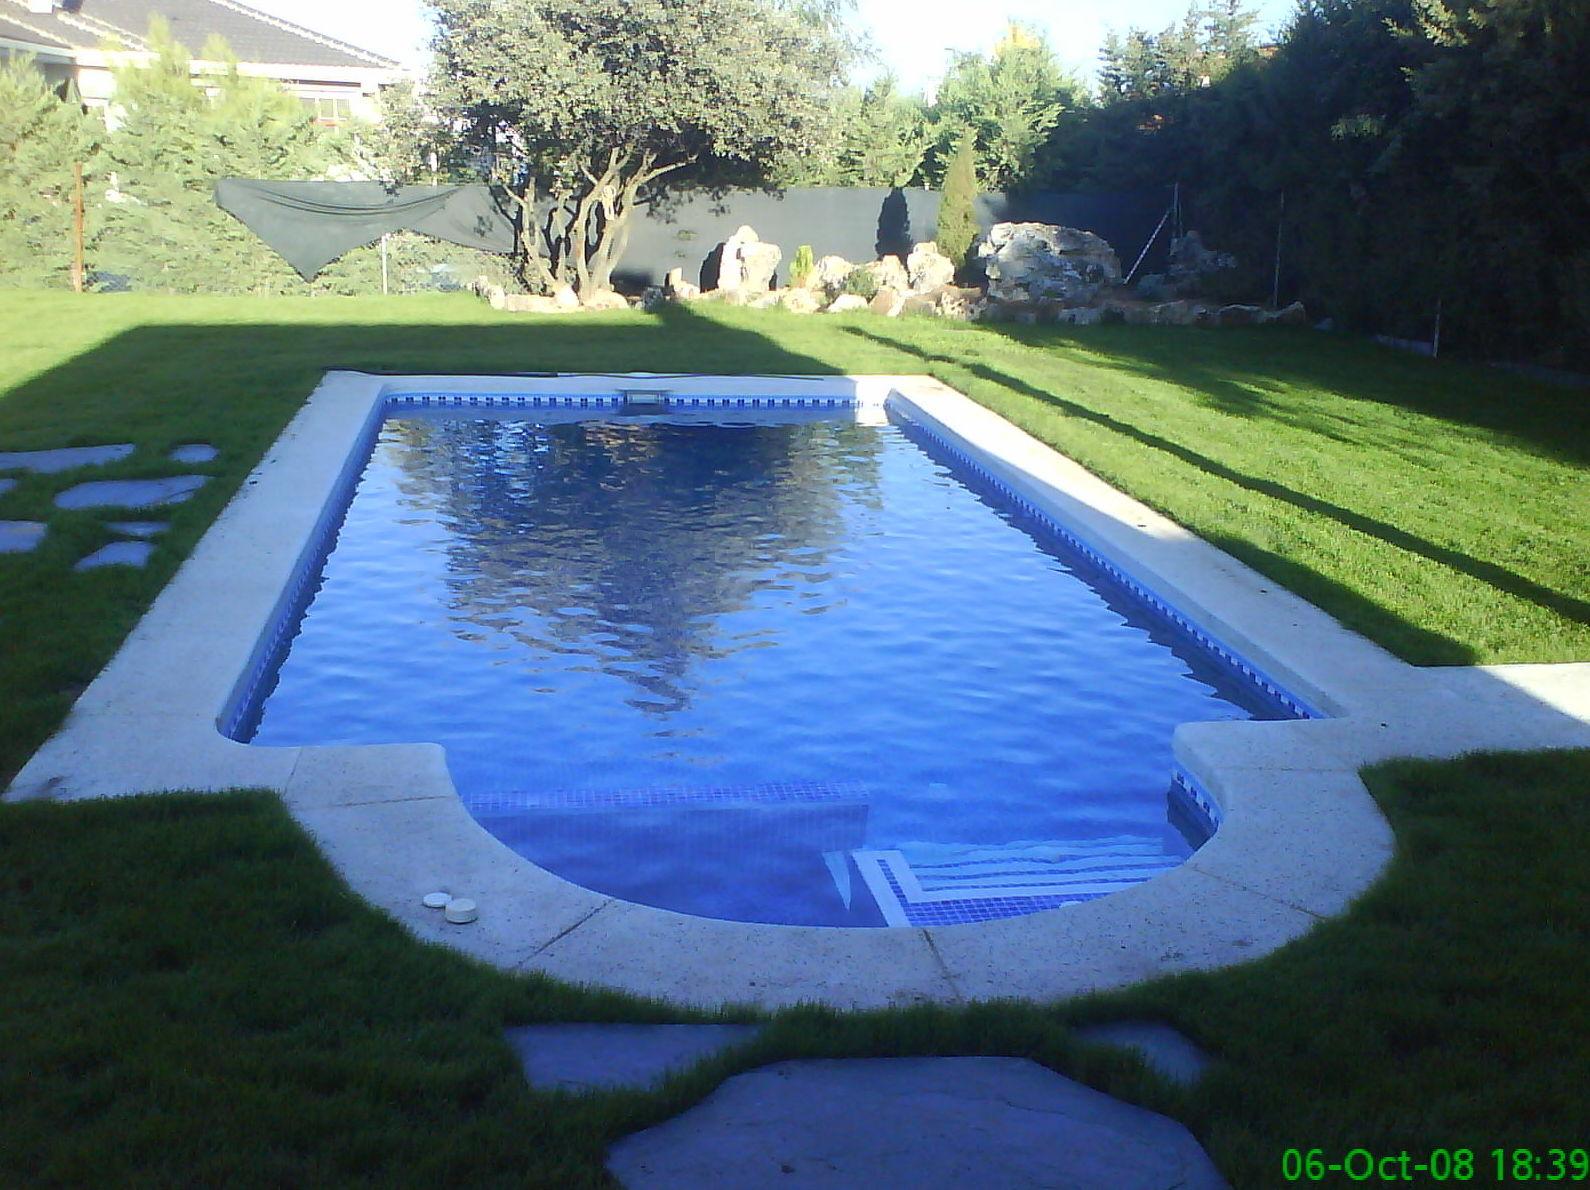 Piscinas de poliester productos y servicios de piscinas y for Tratamientos de piscinas